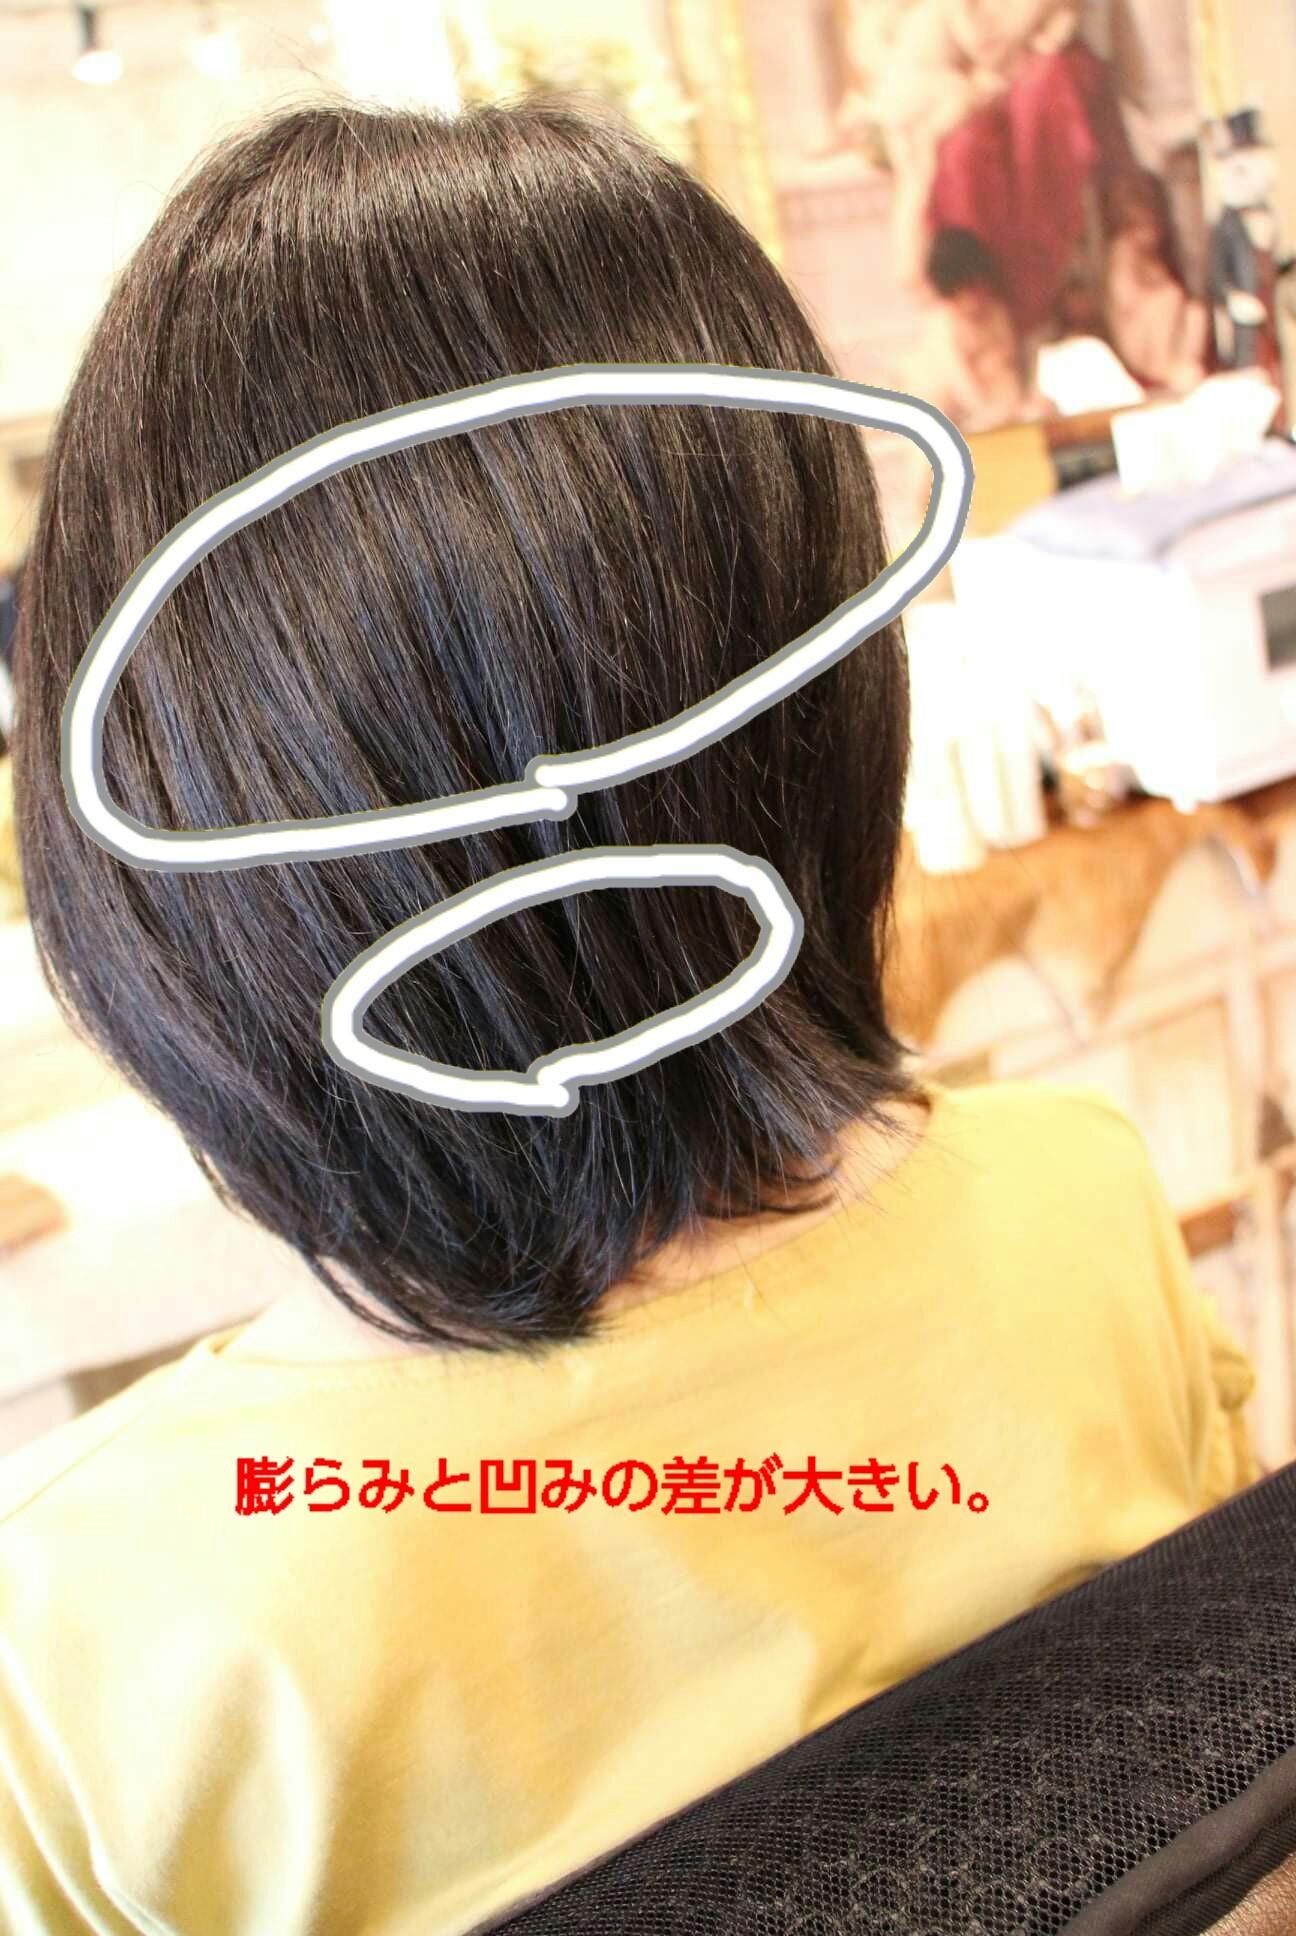 毛流れを攻略。_b0210688_08442013.jpg